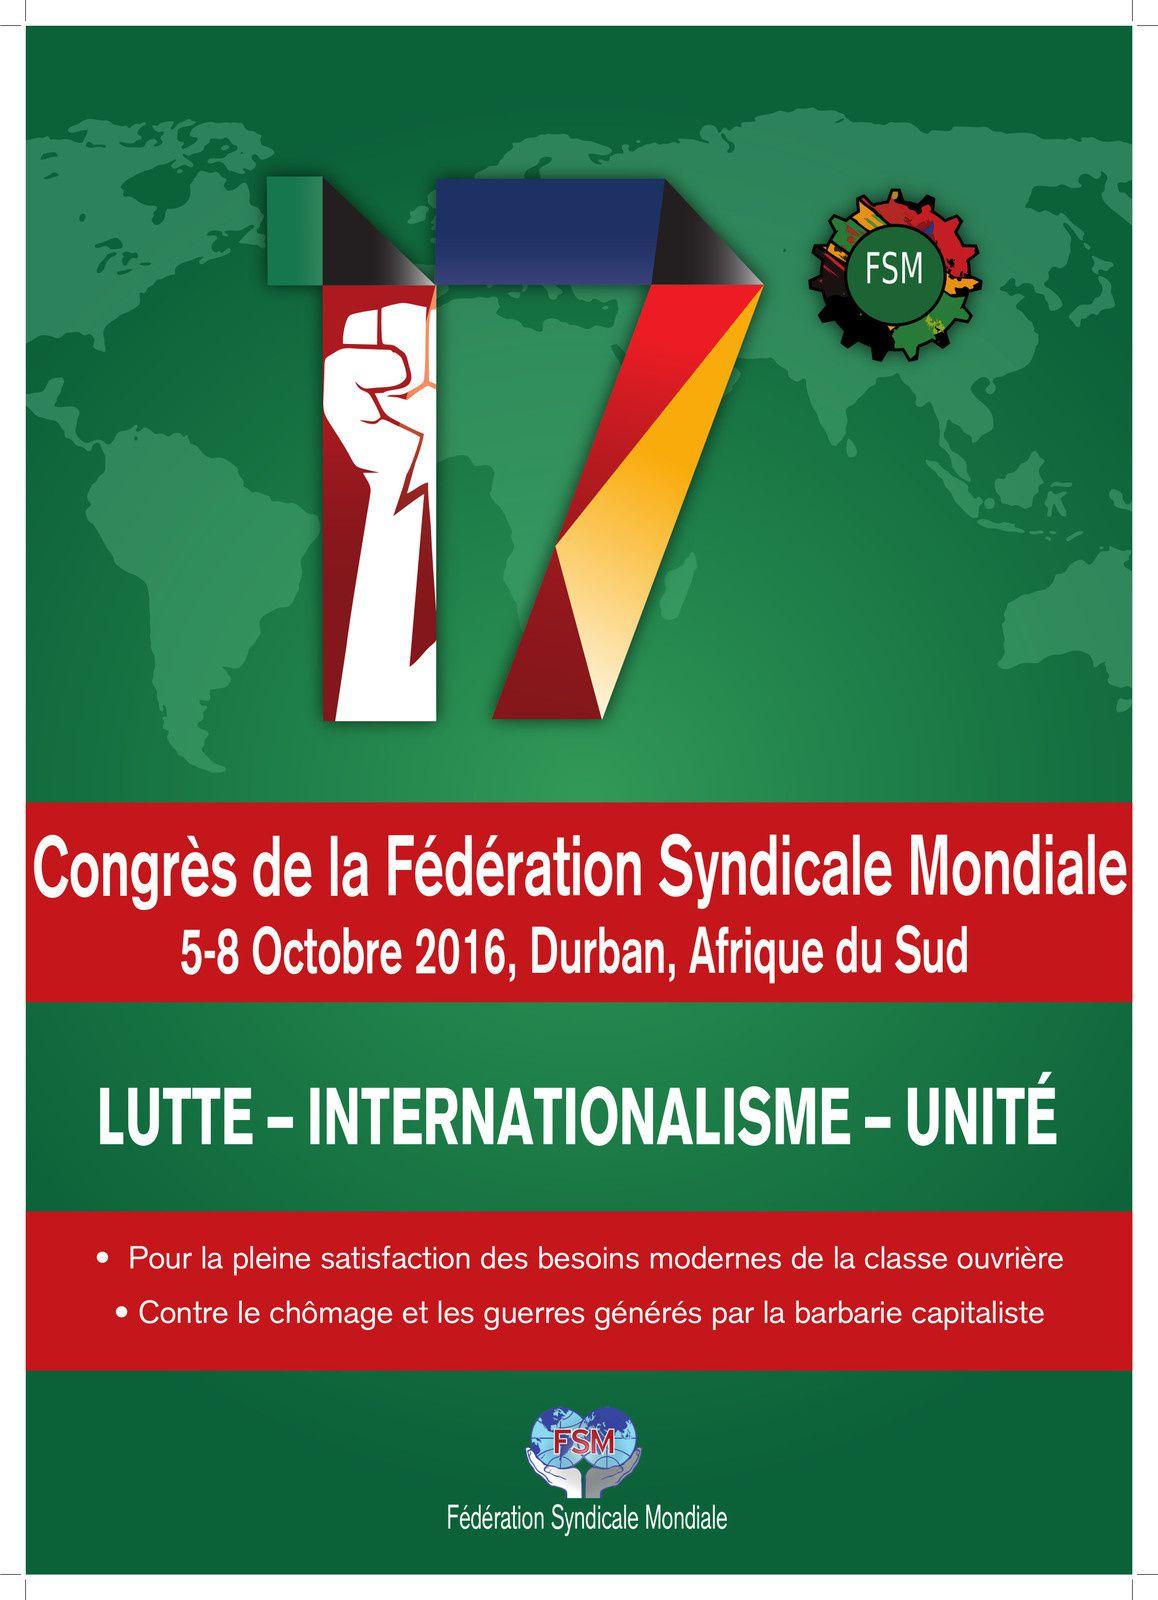 Prochain congrès de la FSM en octobre 2016 à Durban